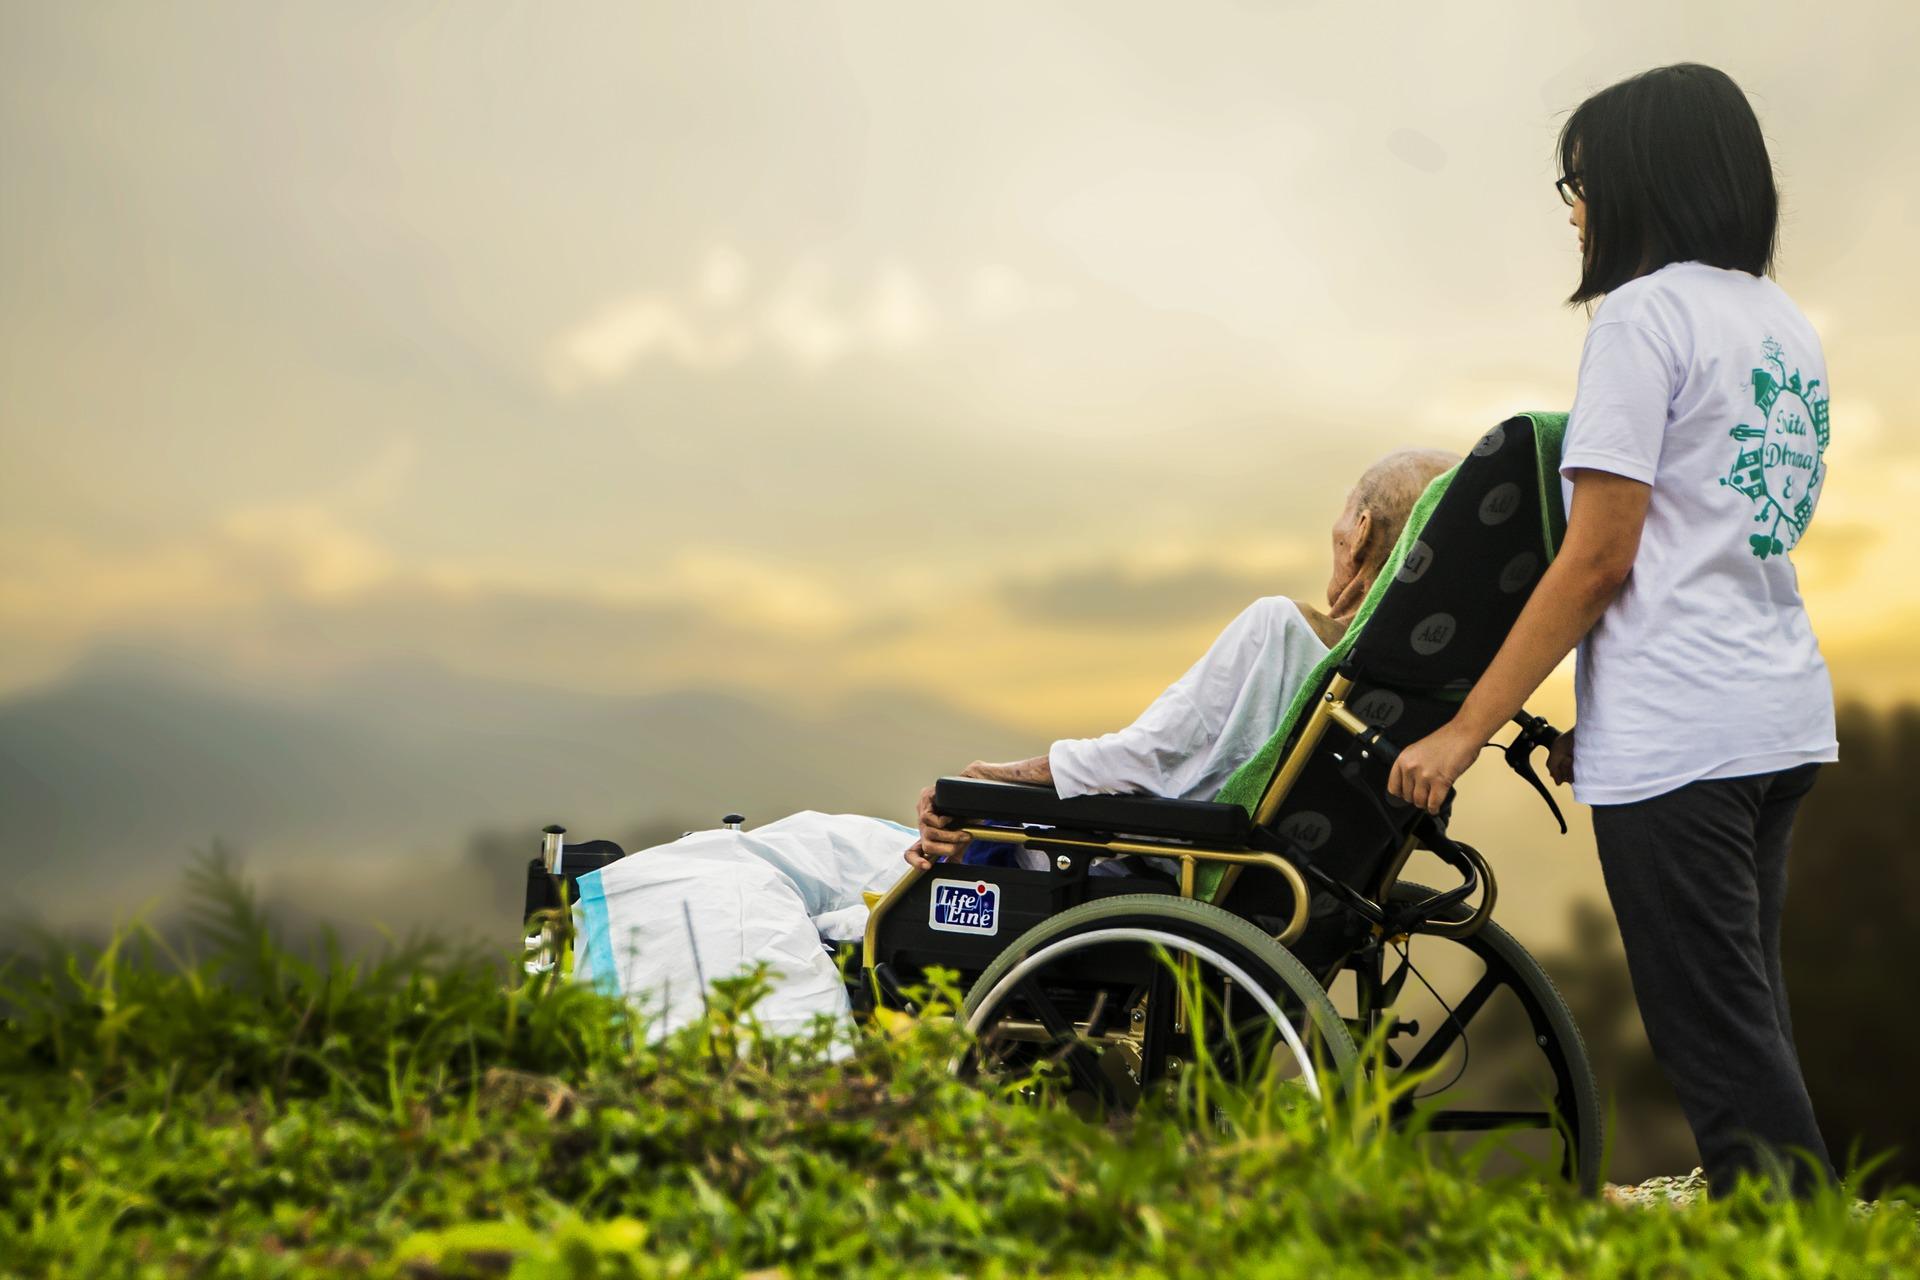 Zusatzbeiträge zur gesetzlichen Krankenversicherung steigen